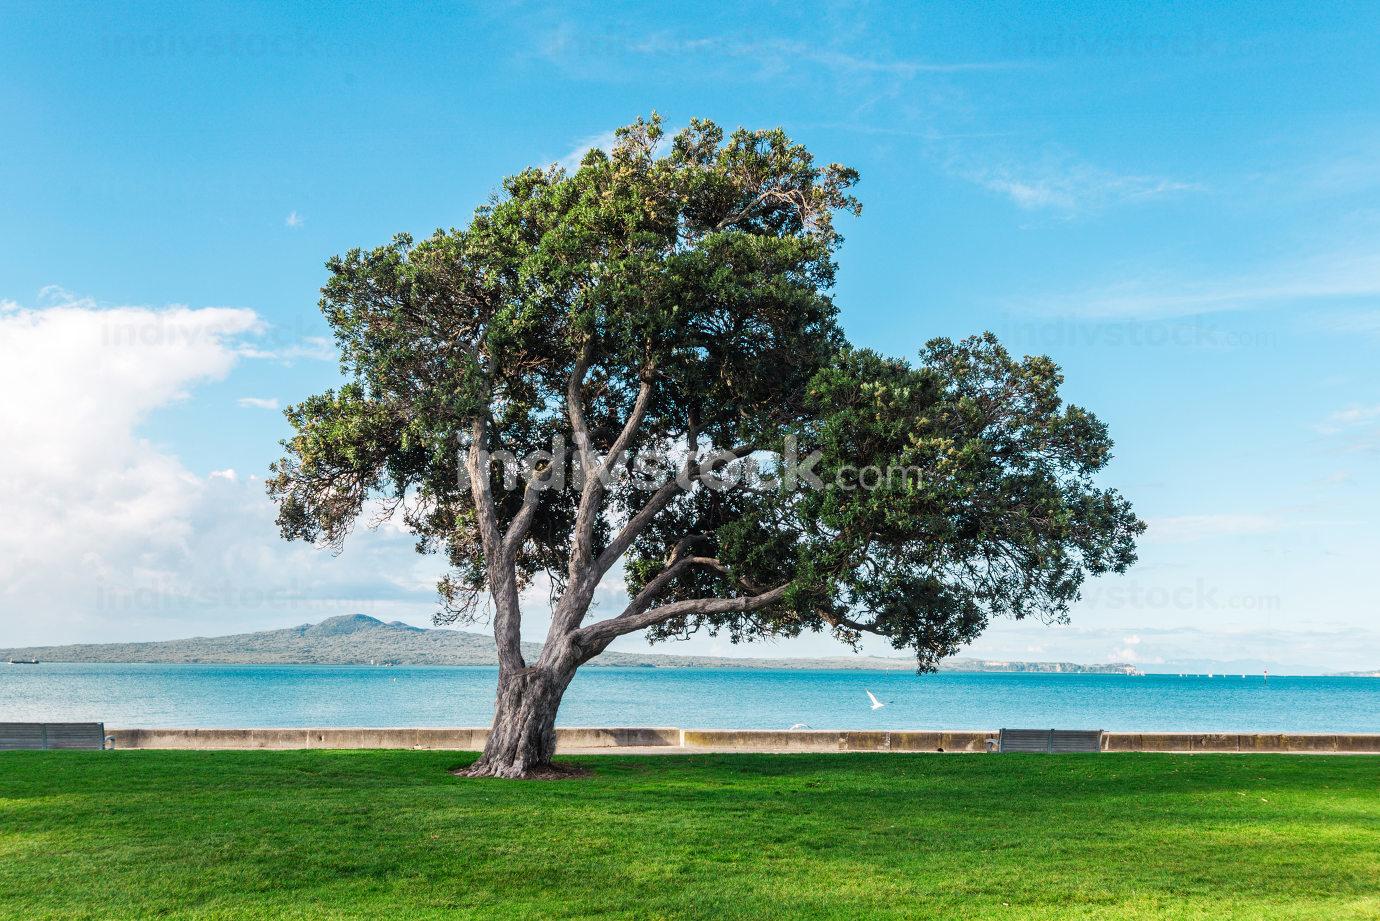 Green tree landscape near beach